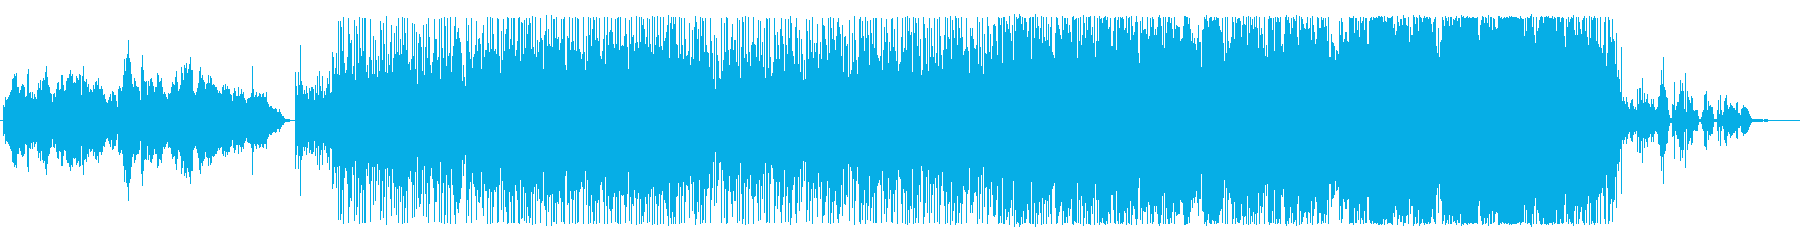 島物語の再生済みの波形